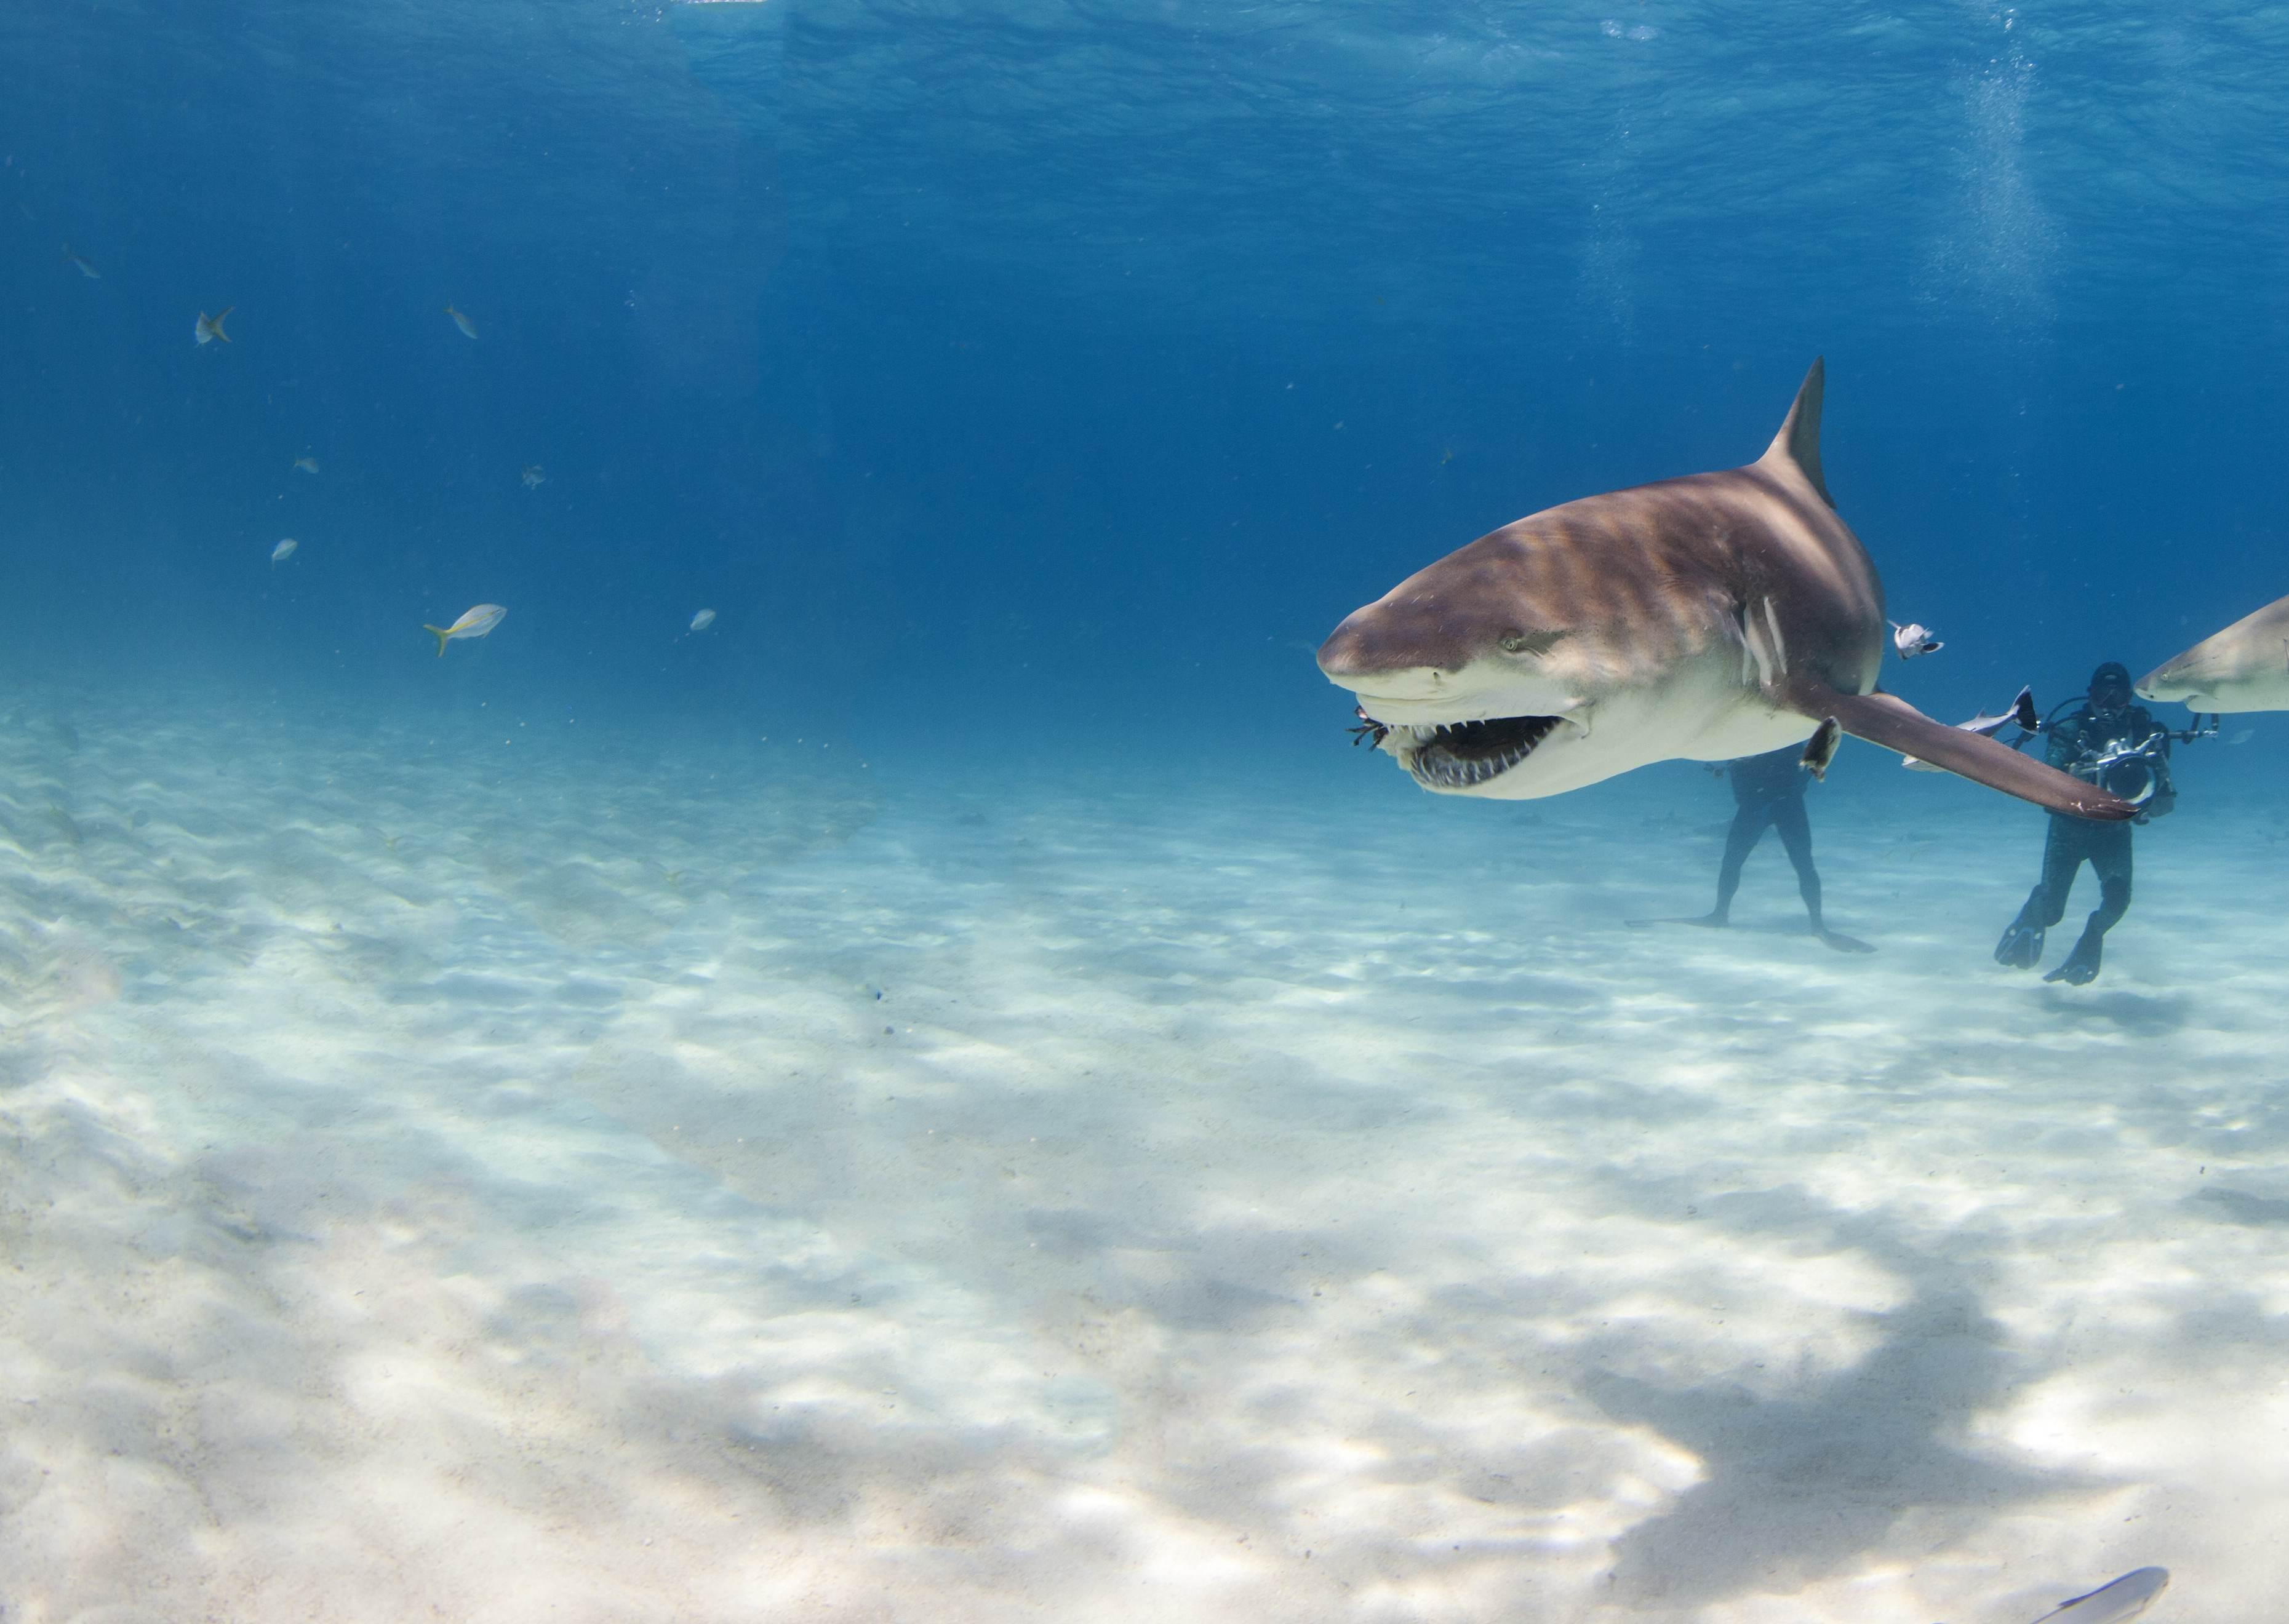 Shark010.JPG